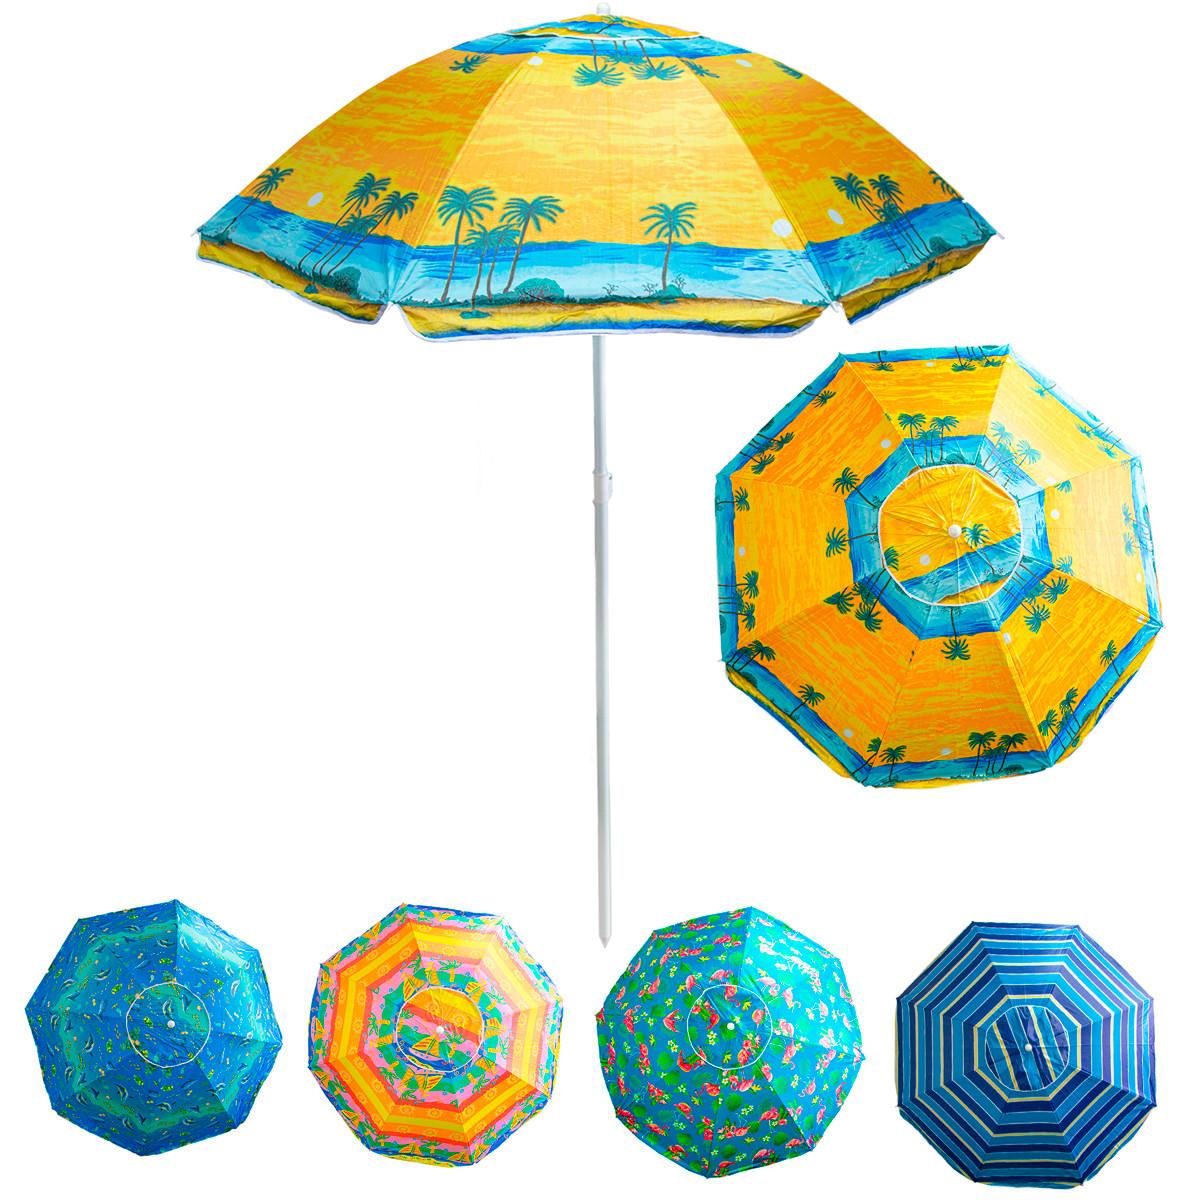 """Парасолька від сонця на пляж """"Stenson - жовта, Пальми"""" 1,8м, парасоля пляжна антивітер з срібним покриттям"""